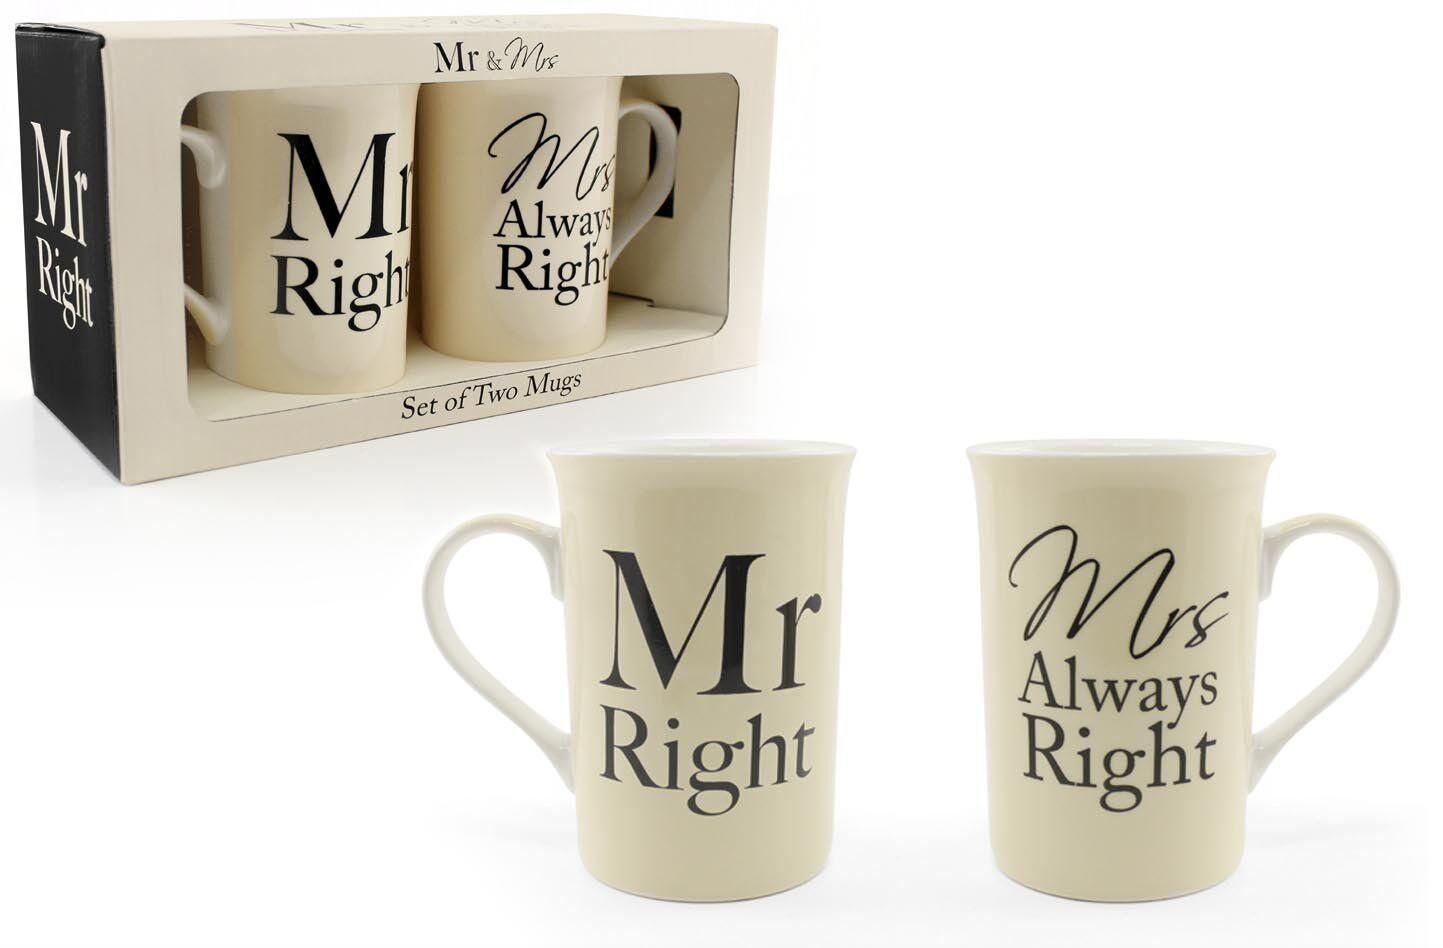 M. droit & mrs always right tasses parfait cadeau de nouveauté tasses mariage anniversaire